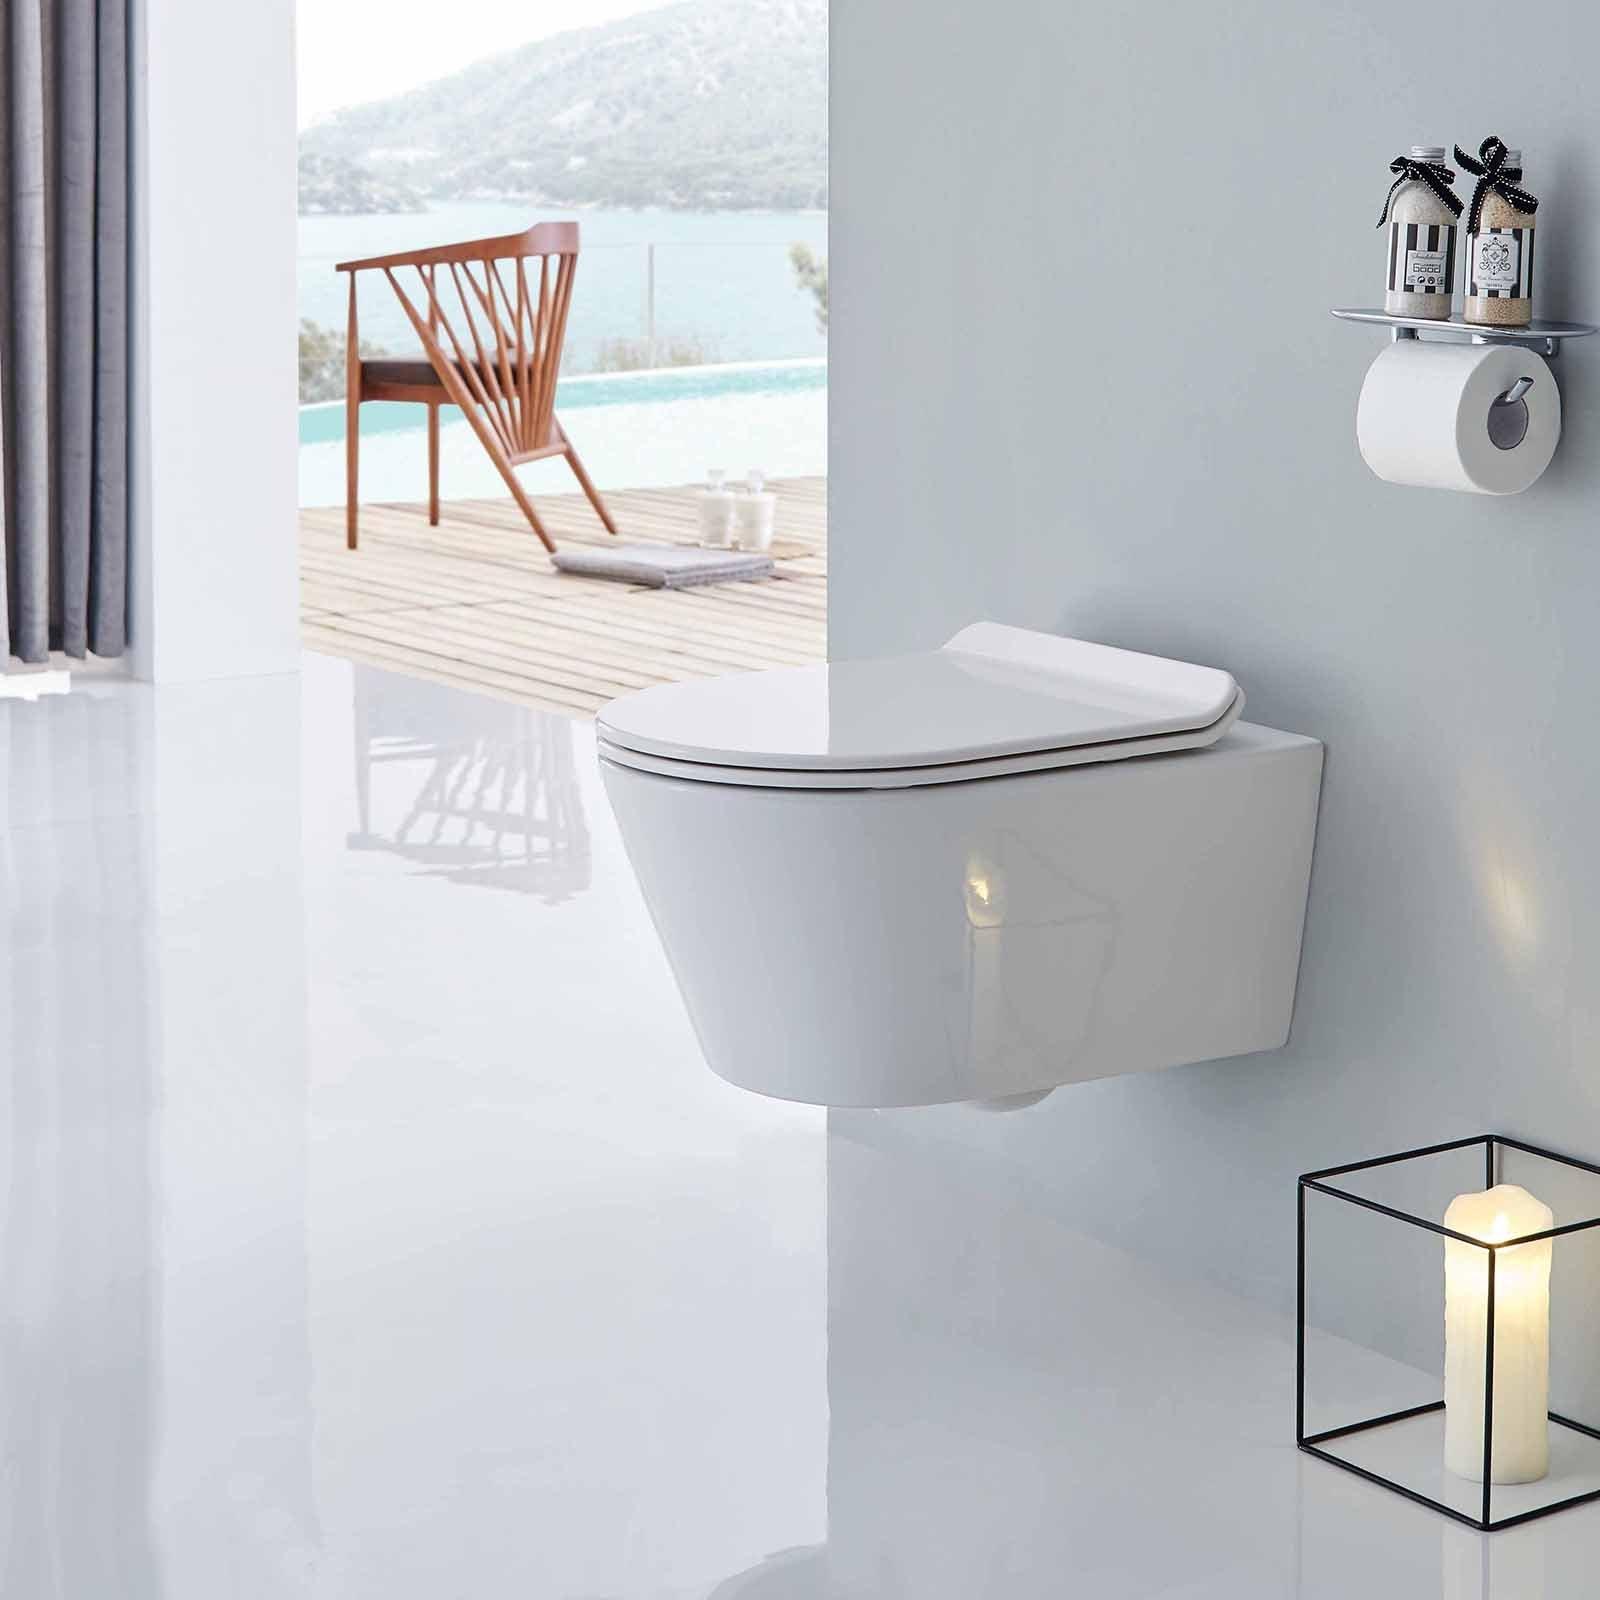 BERNSTEIN Wand-Hänge-WC Toilette CH1088 - inkl. WC-Deckel Softclose flach